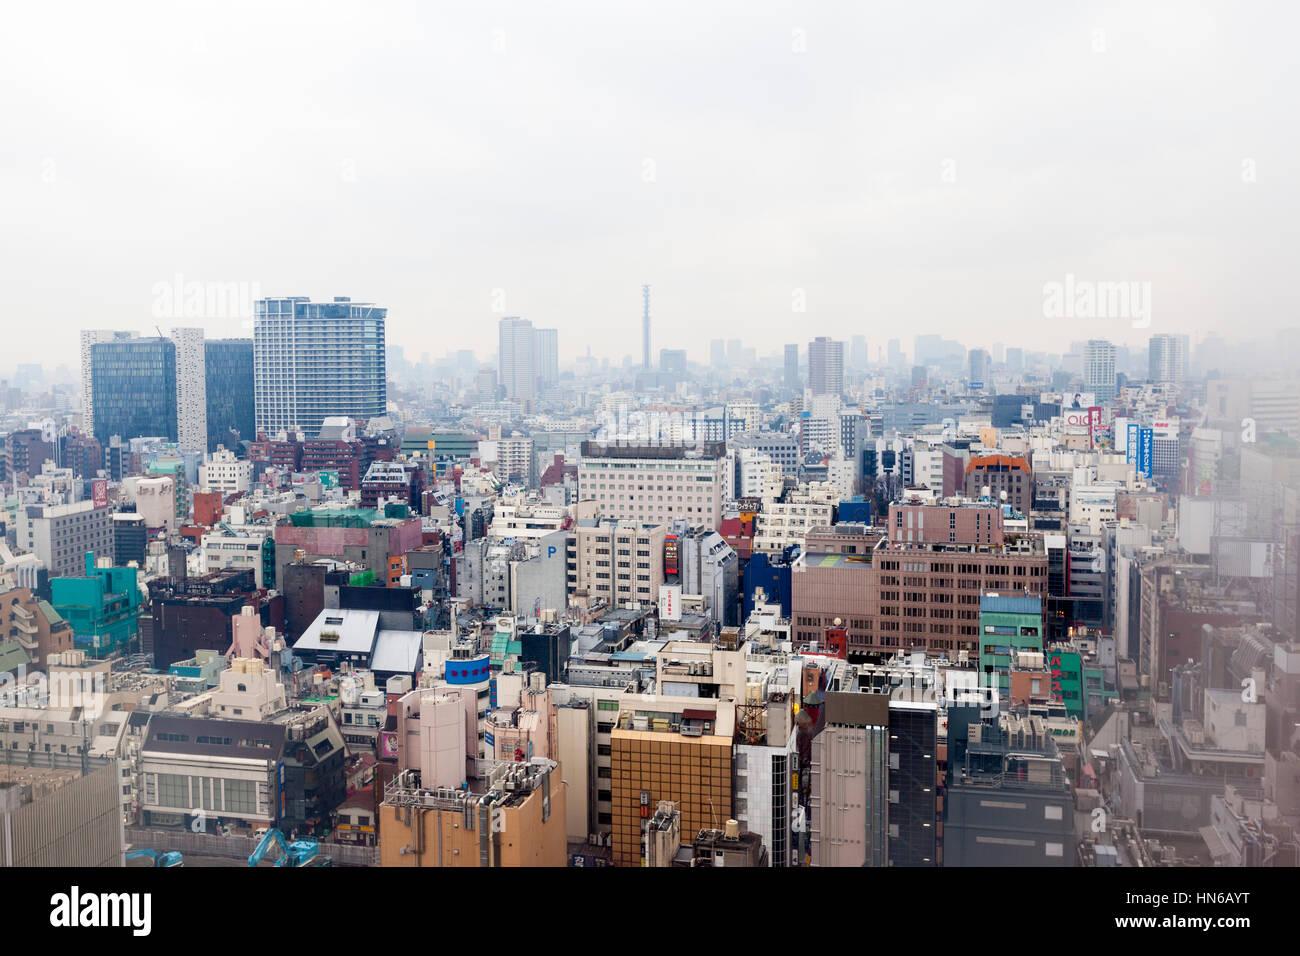 Tokyo, Japan - 2. März 2012: Erhöhten Blick auf die Skyline von Tokio durch das Fenster eines Hotelzimmers Stockbild